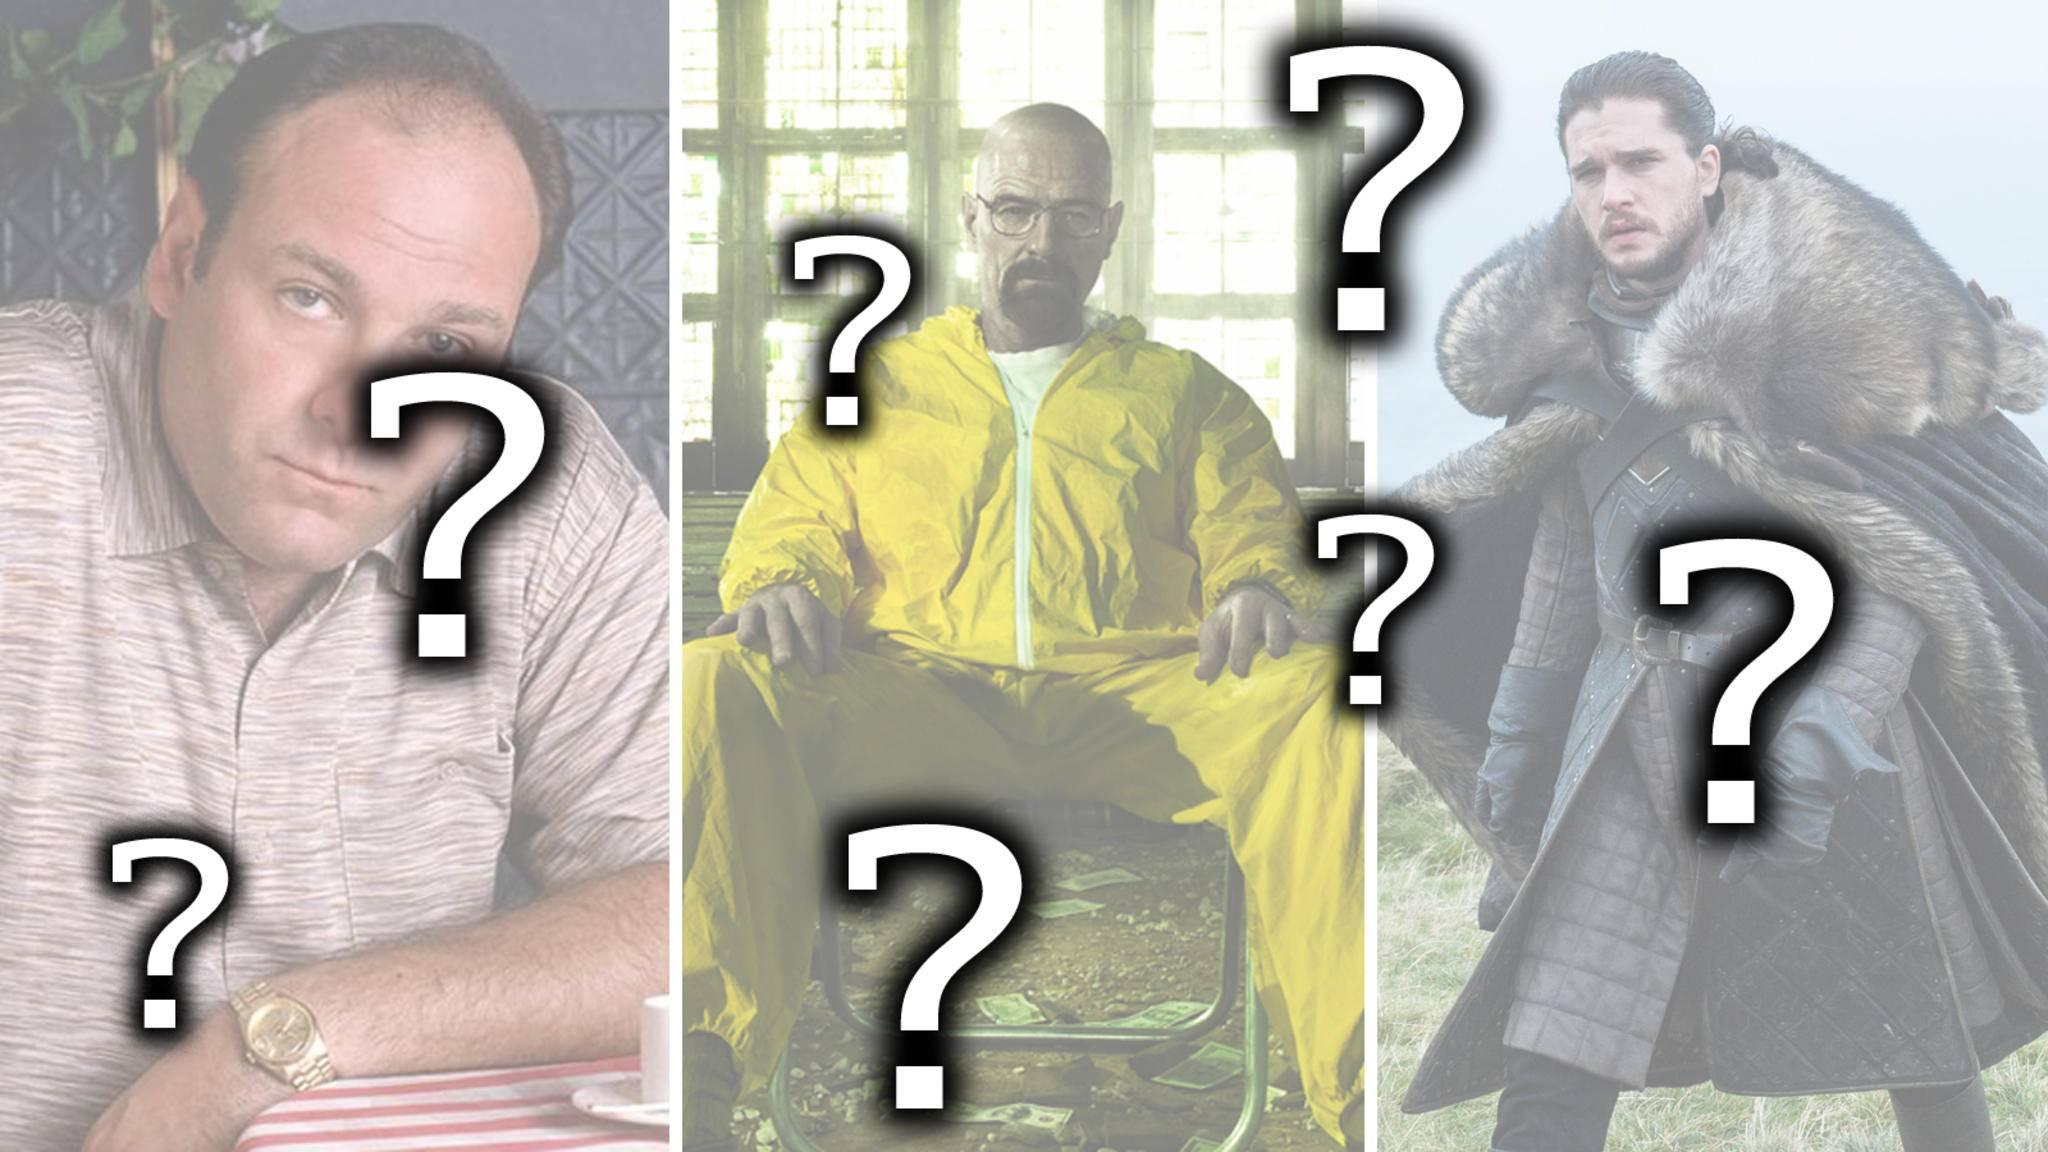 Welche Episode hat es im Serien-Ranking auf Platz 1 geschafft?